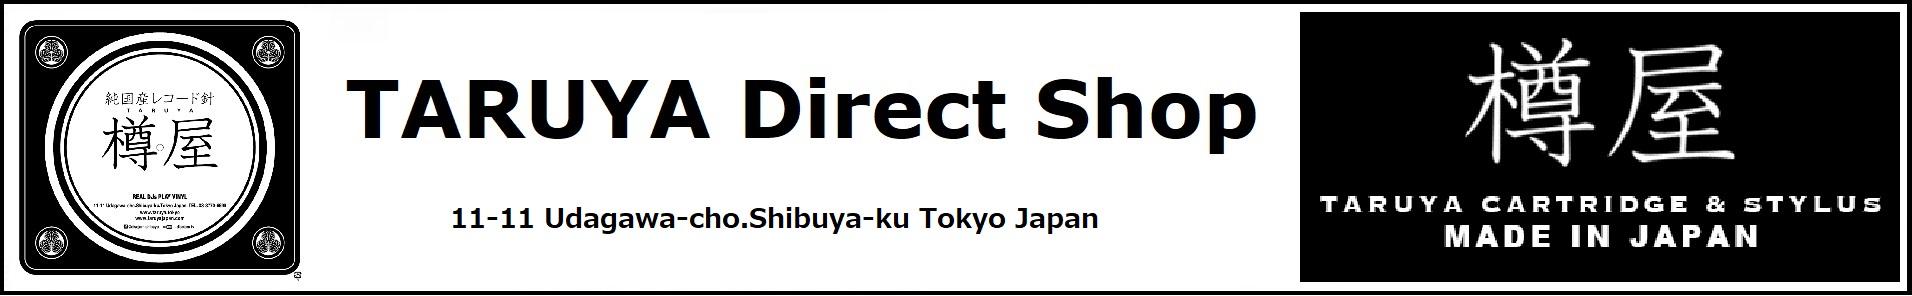 レコード針,プロDJ御用達,老舗DJ機材専門店-Disc Jam渋谷シスコ店:Technics,樽屋レコード針取扱